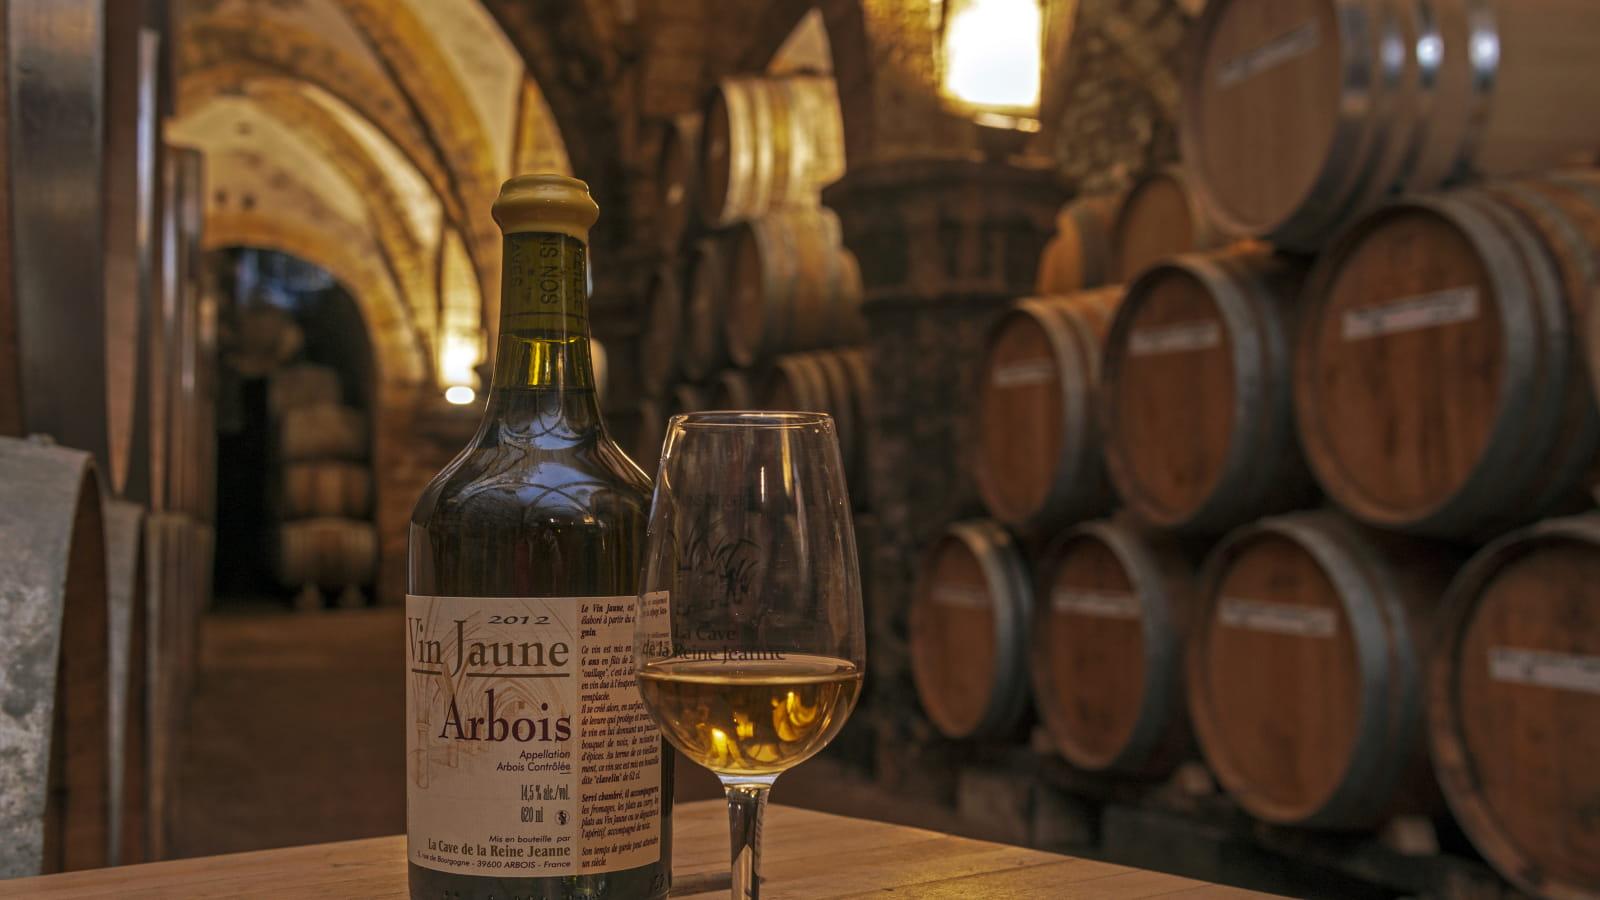 Clavelin de vin de jaune